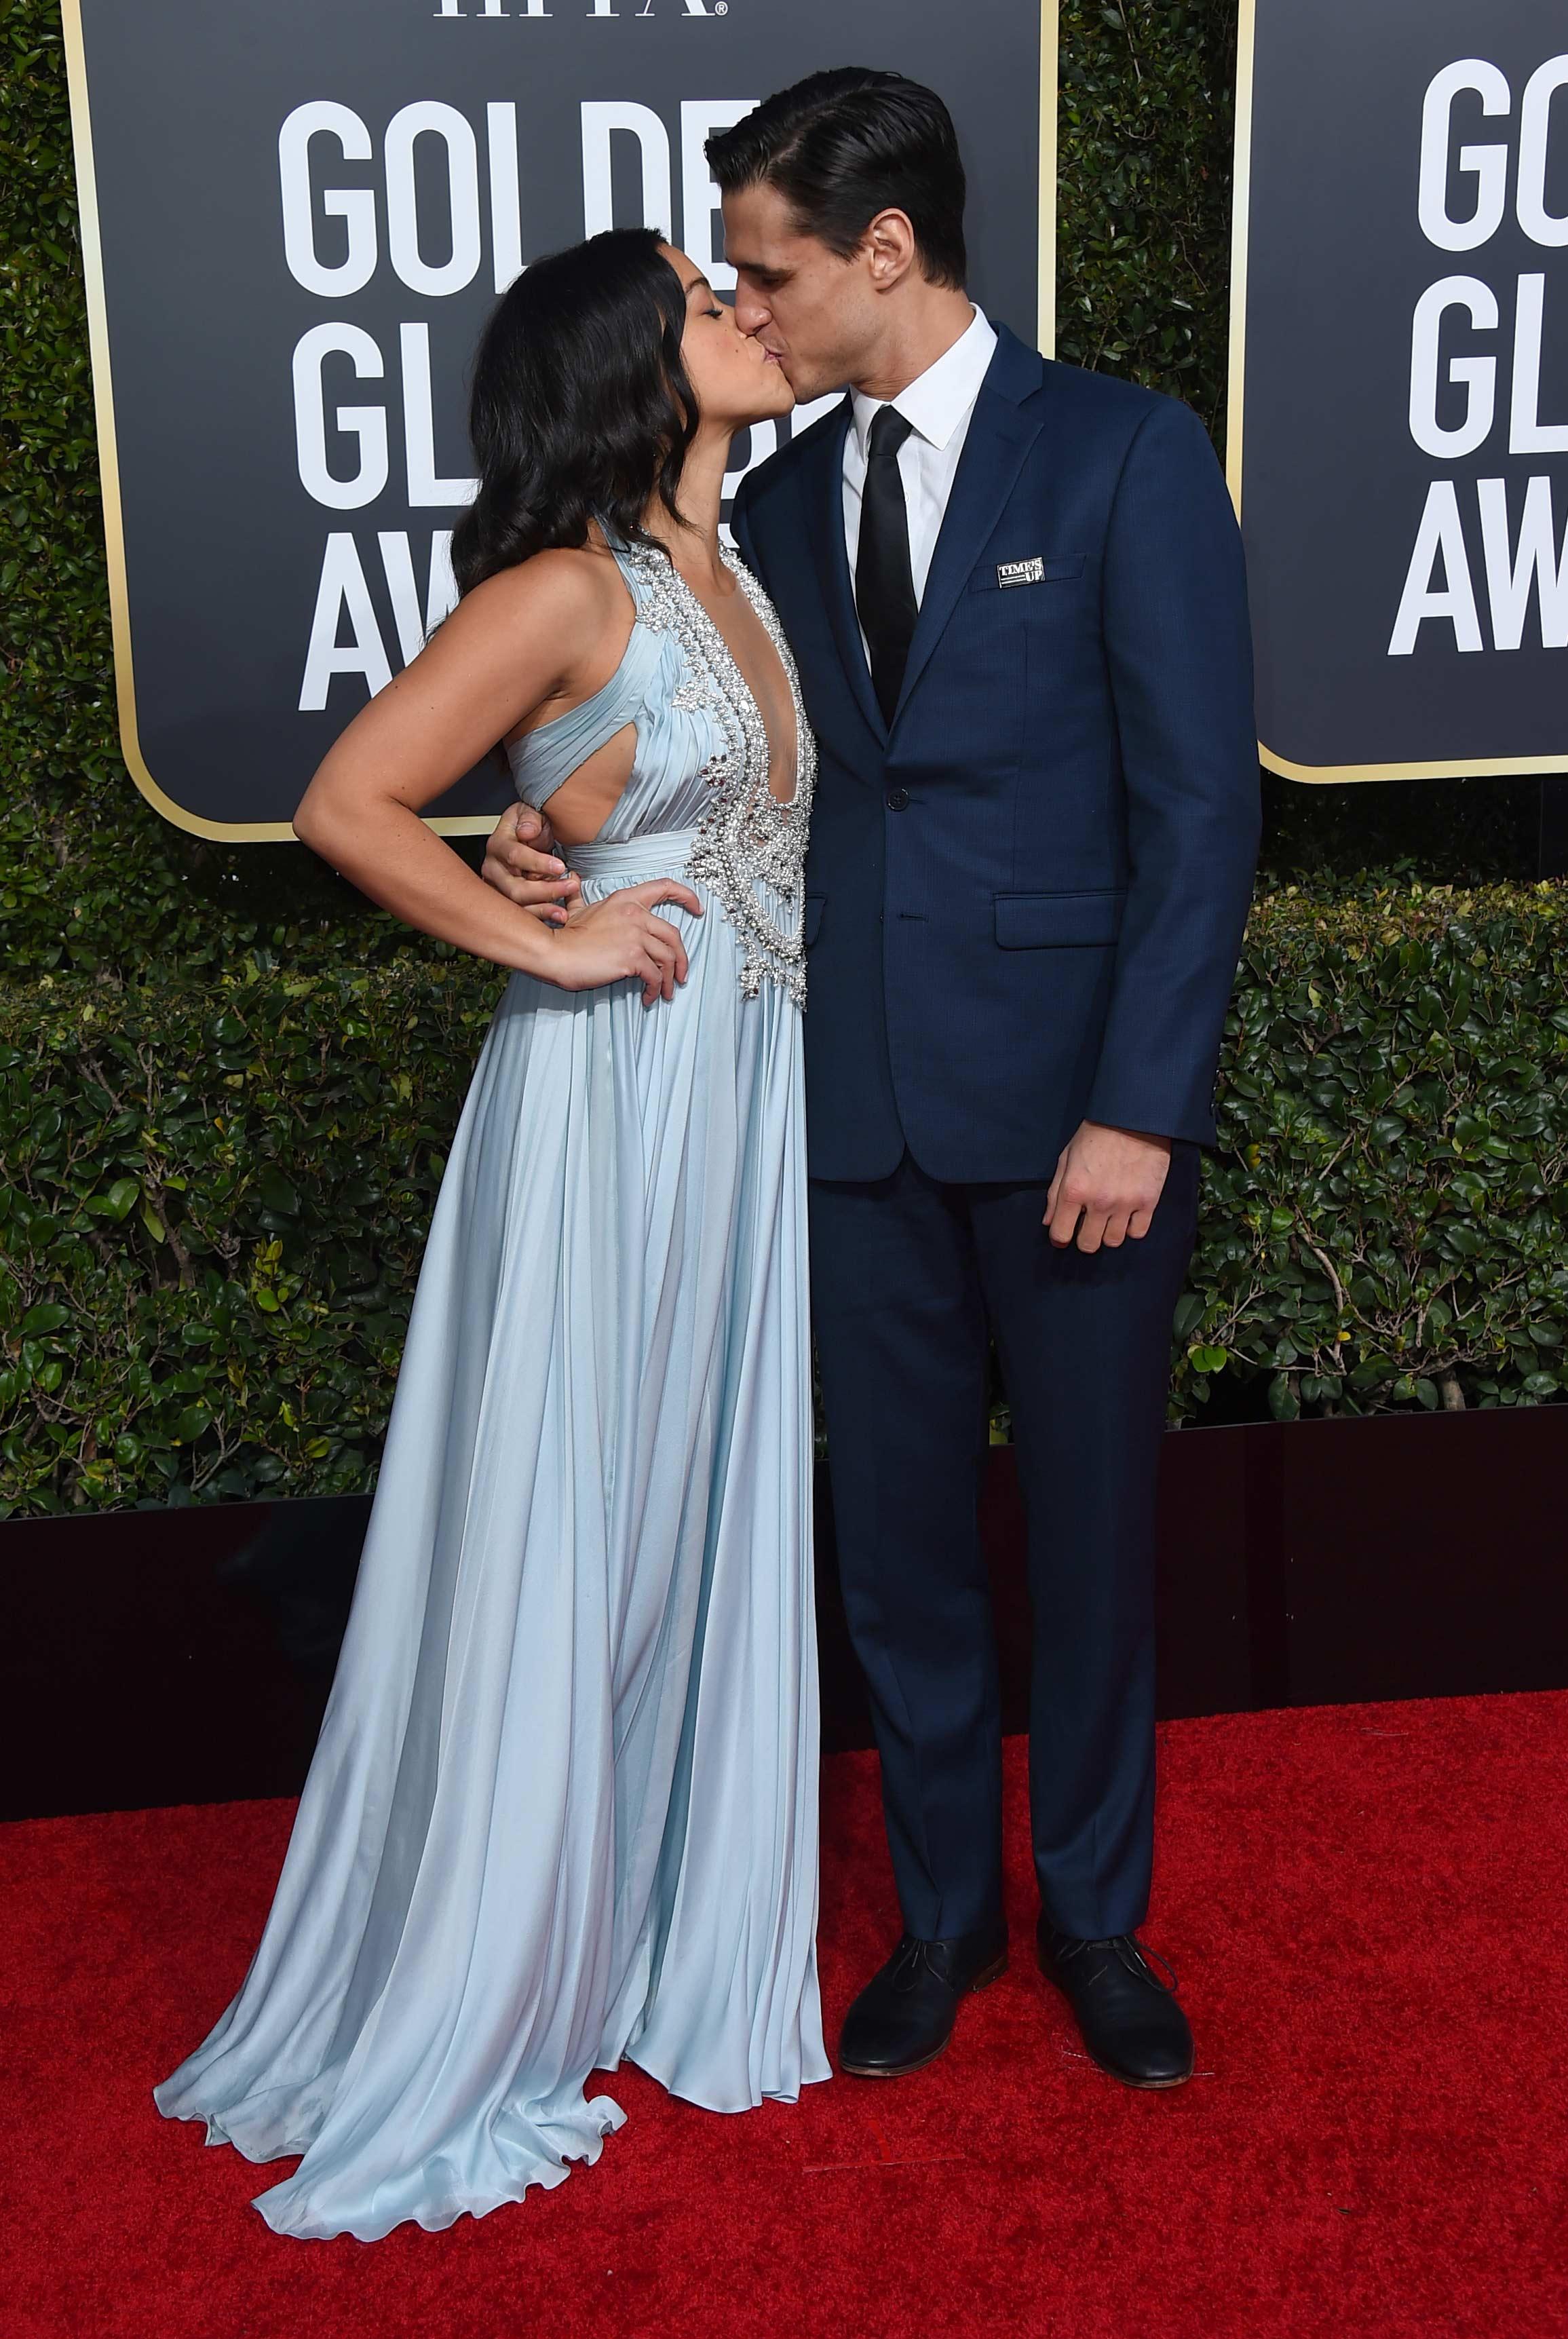 Gina Rodríguez besa a su pareja, el actor Joe Locicero, en la alfombra roja de los Golden Globe 2019. (Foto: AP)